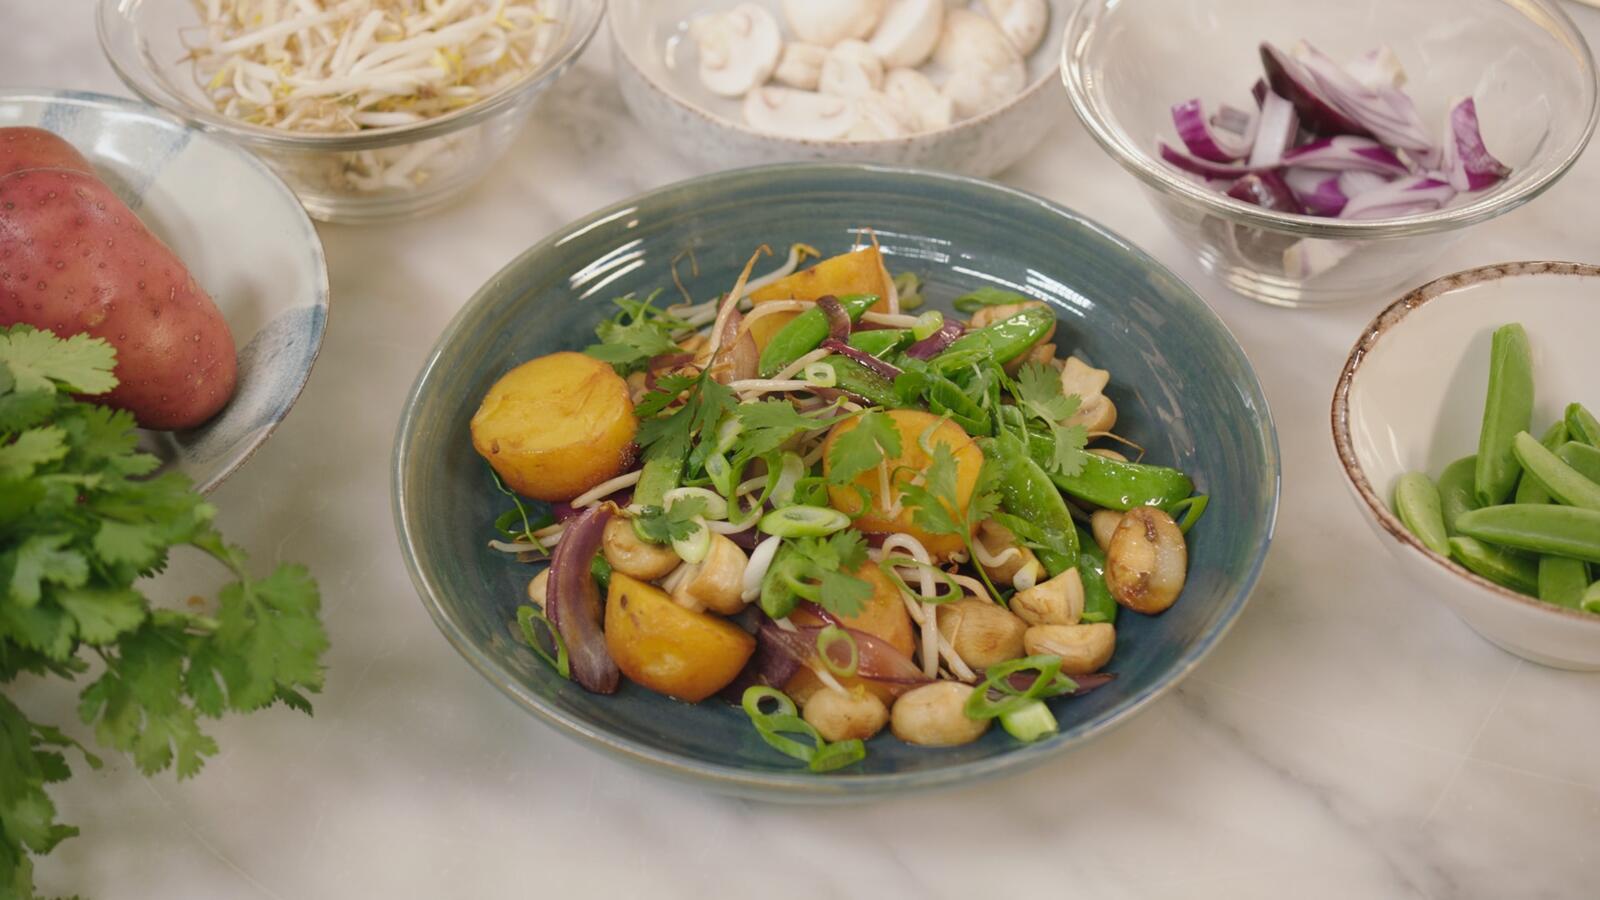 Aardappel in de wok met krokante groenten en woksaus